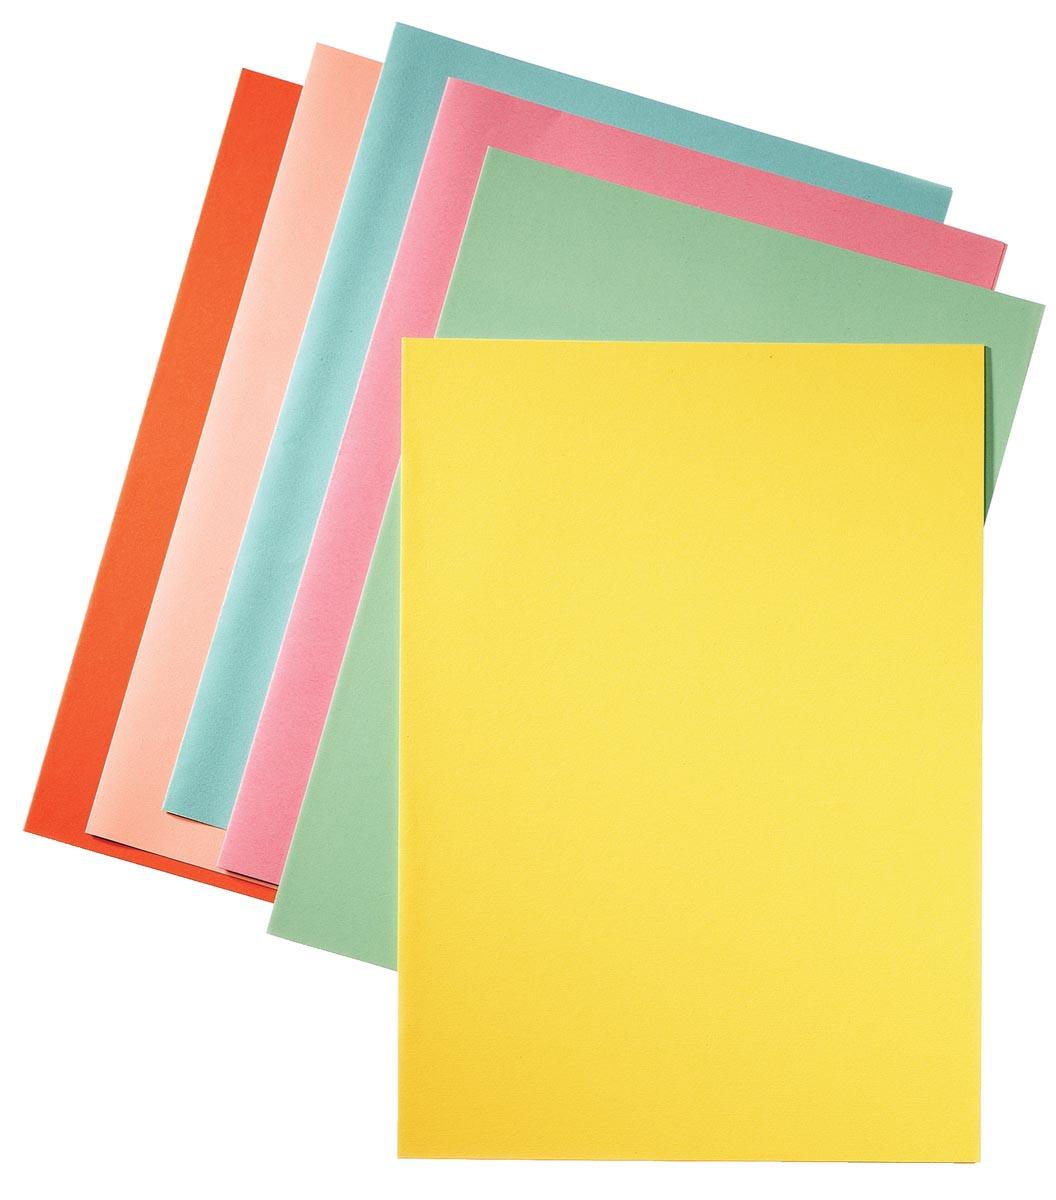 Esselte dossiermap geel, papier van 80 g/m², pak van 250 stuks